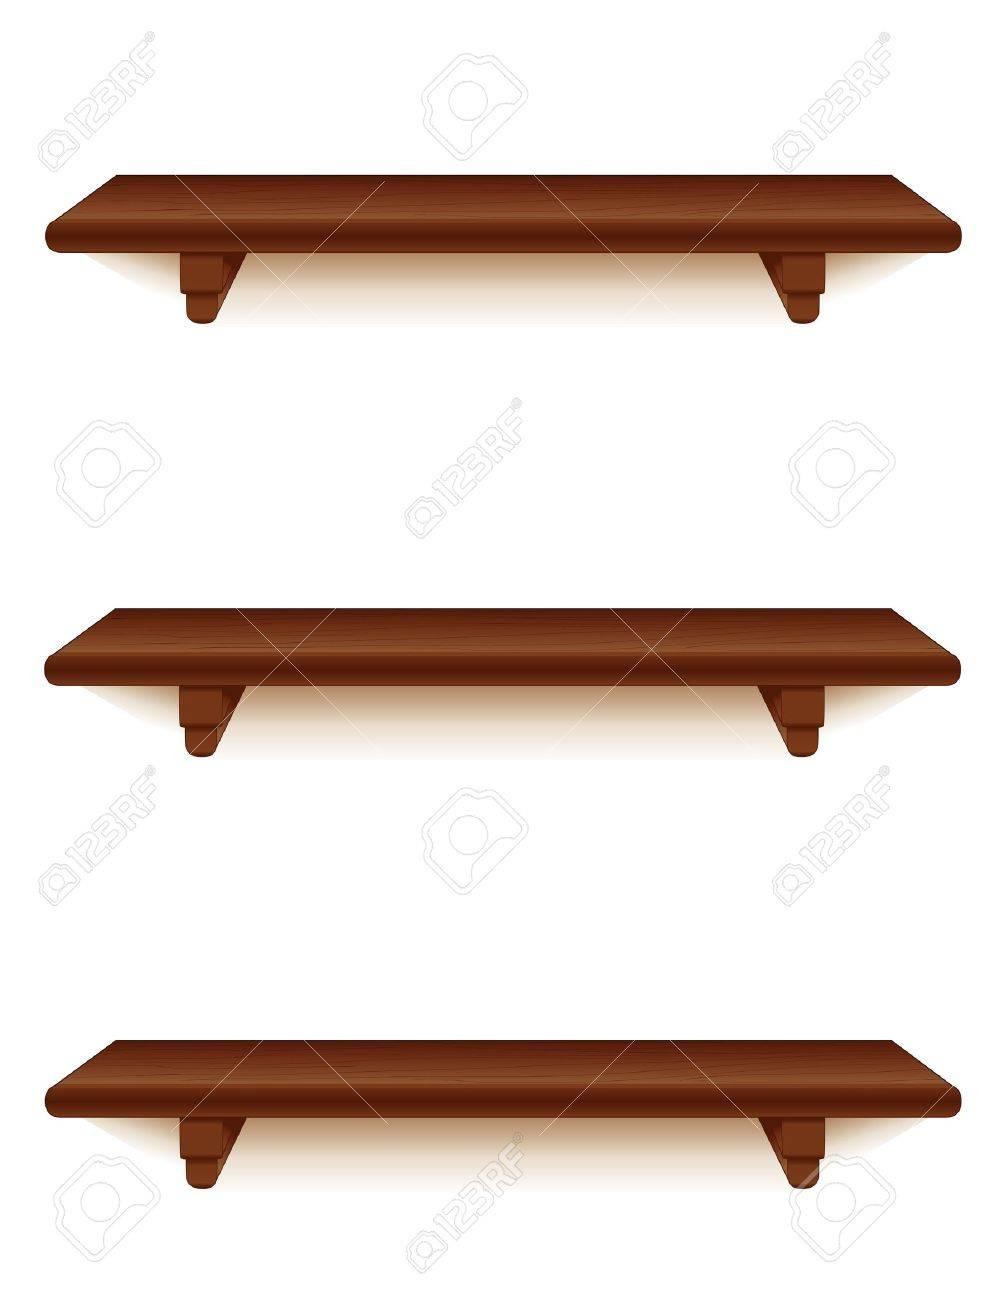 Muur Planken Aan De Muur.Mahogony Houten Muur Planken Met Beugels Op Wit Wordt Geisoleerd